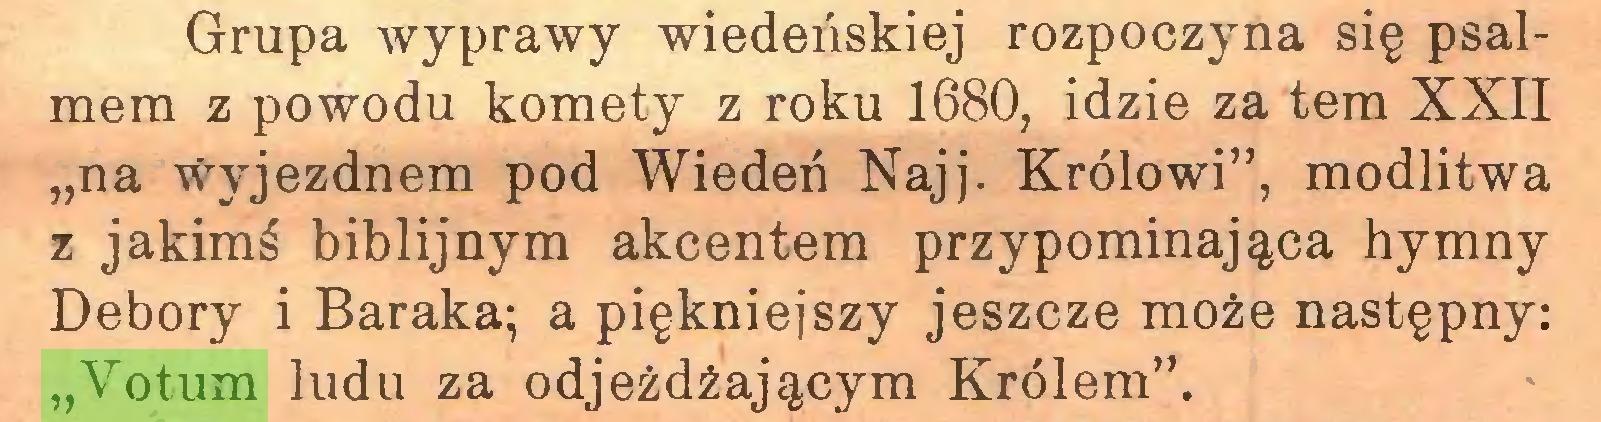 """(...) Grupa wyprawy wiedeńskiej rozpoczyna się psalmem z powodu komety z roku 1680, idzie za tern XXII """"na 'tf-yjezdnem pod Wiedeń Najj. Królowi"""", modlitwa z jakimś biblijnym akcentem przypominająca hymny Debory i Baraka; a piękniejszy jeszcze może następny: """"Votum ludu za odjeżdżającym Królem""""..."""